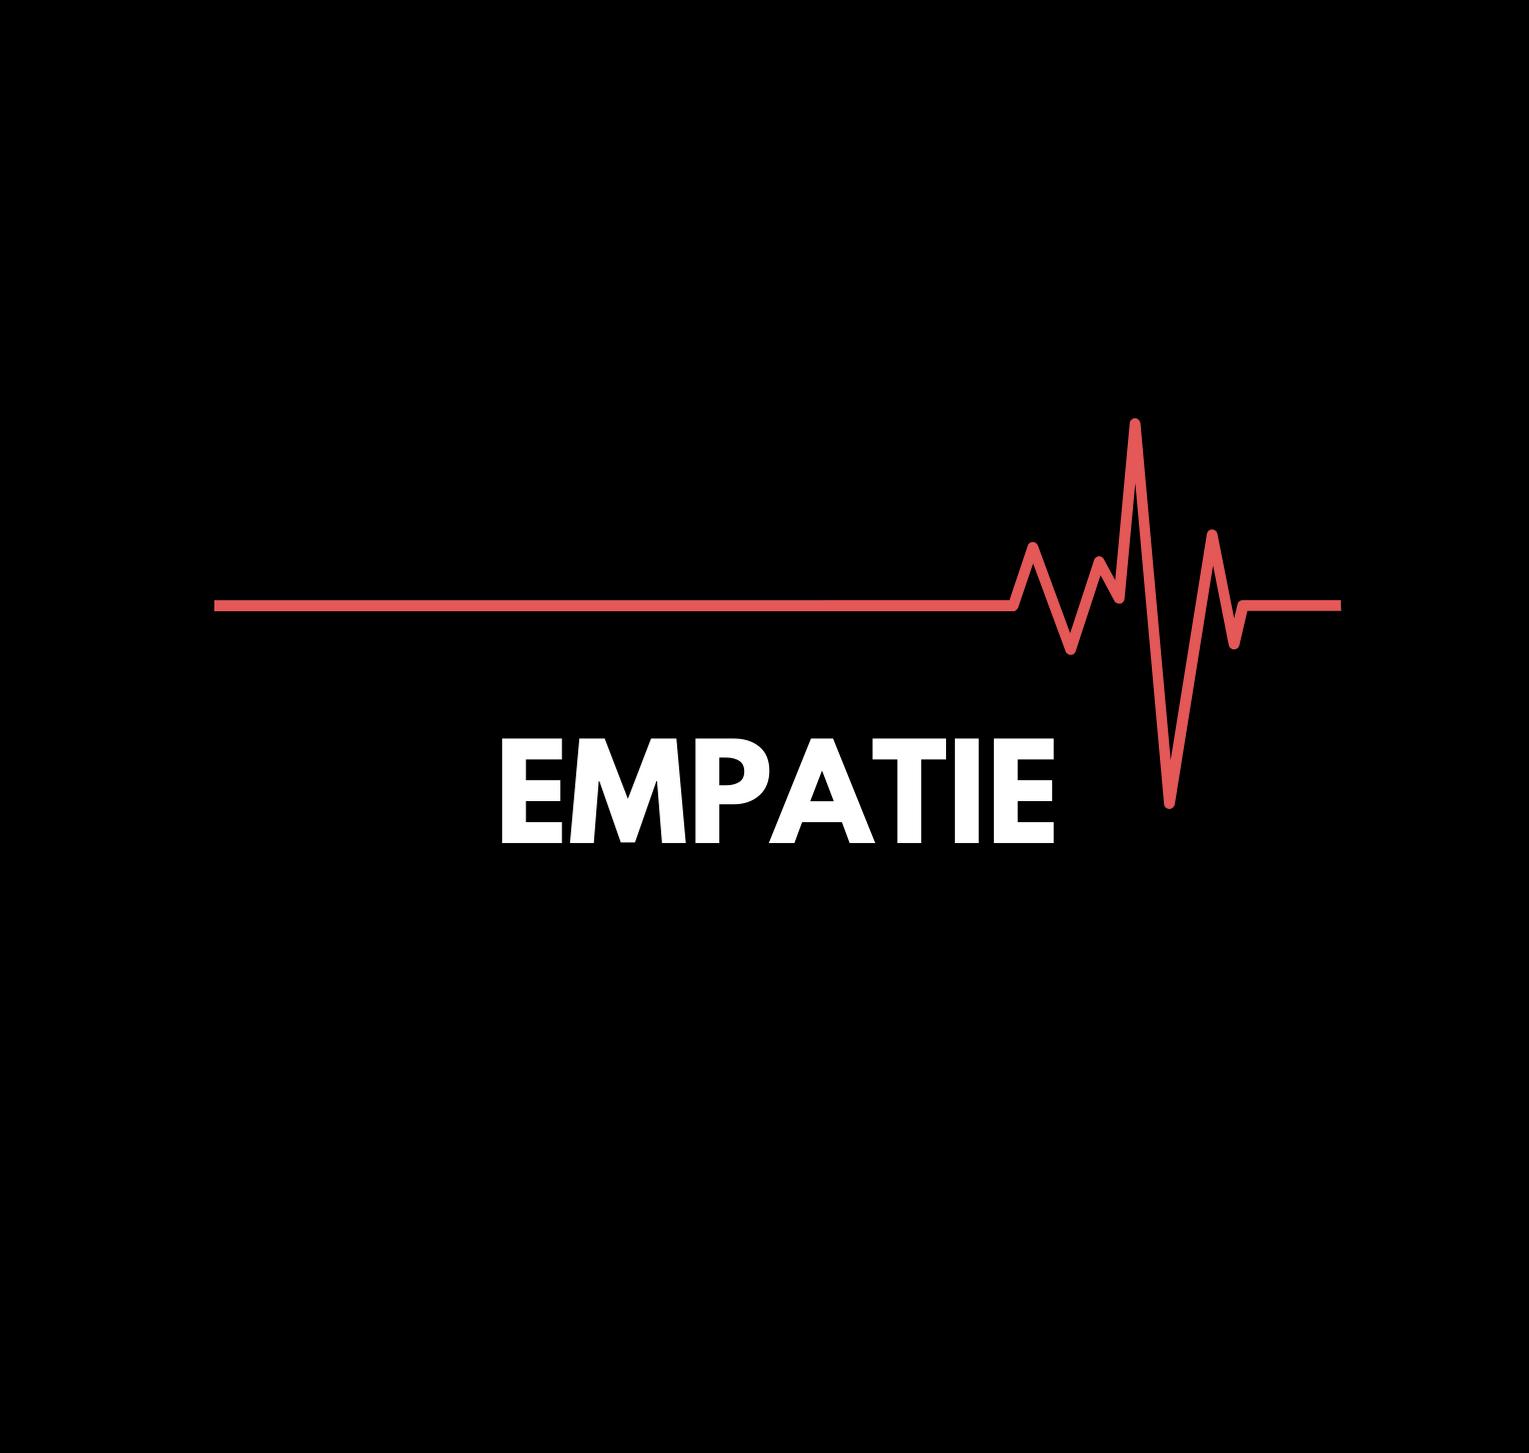 fiind un empatie și o întâlnire